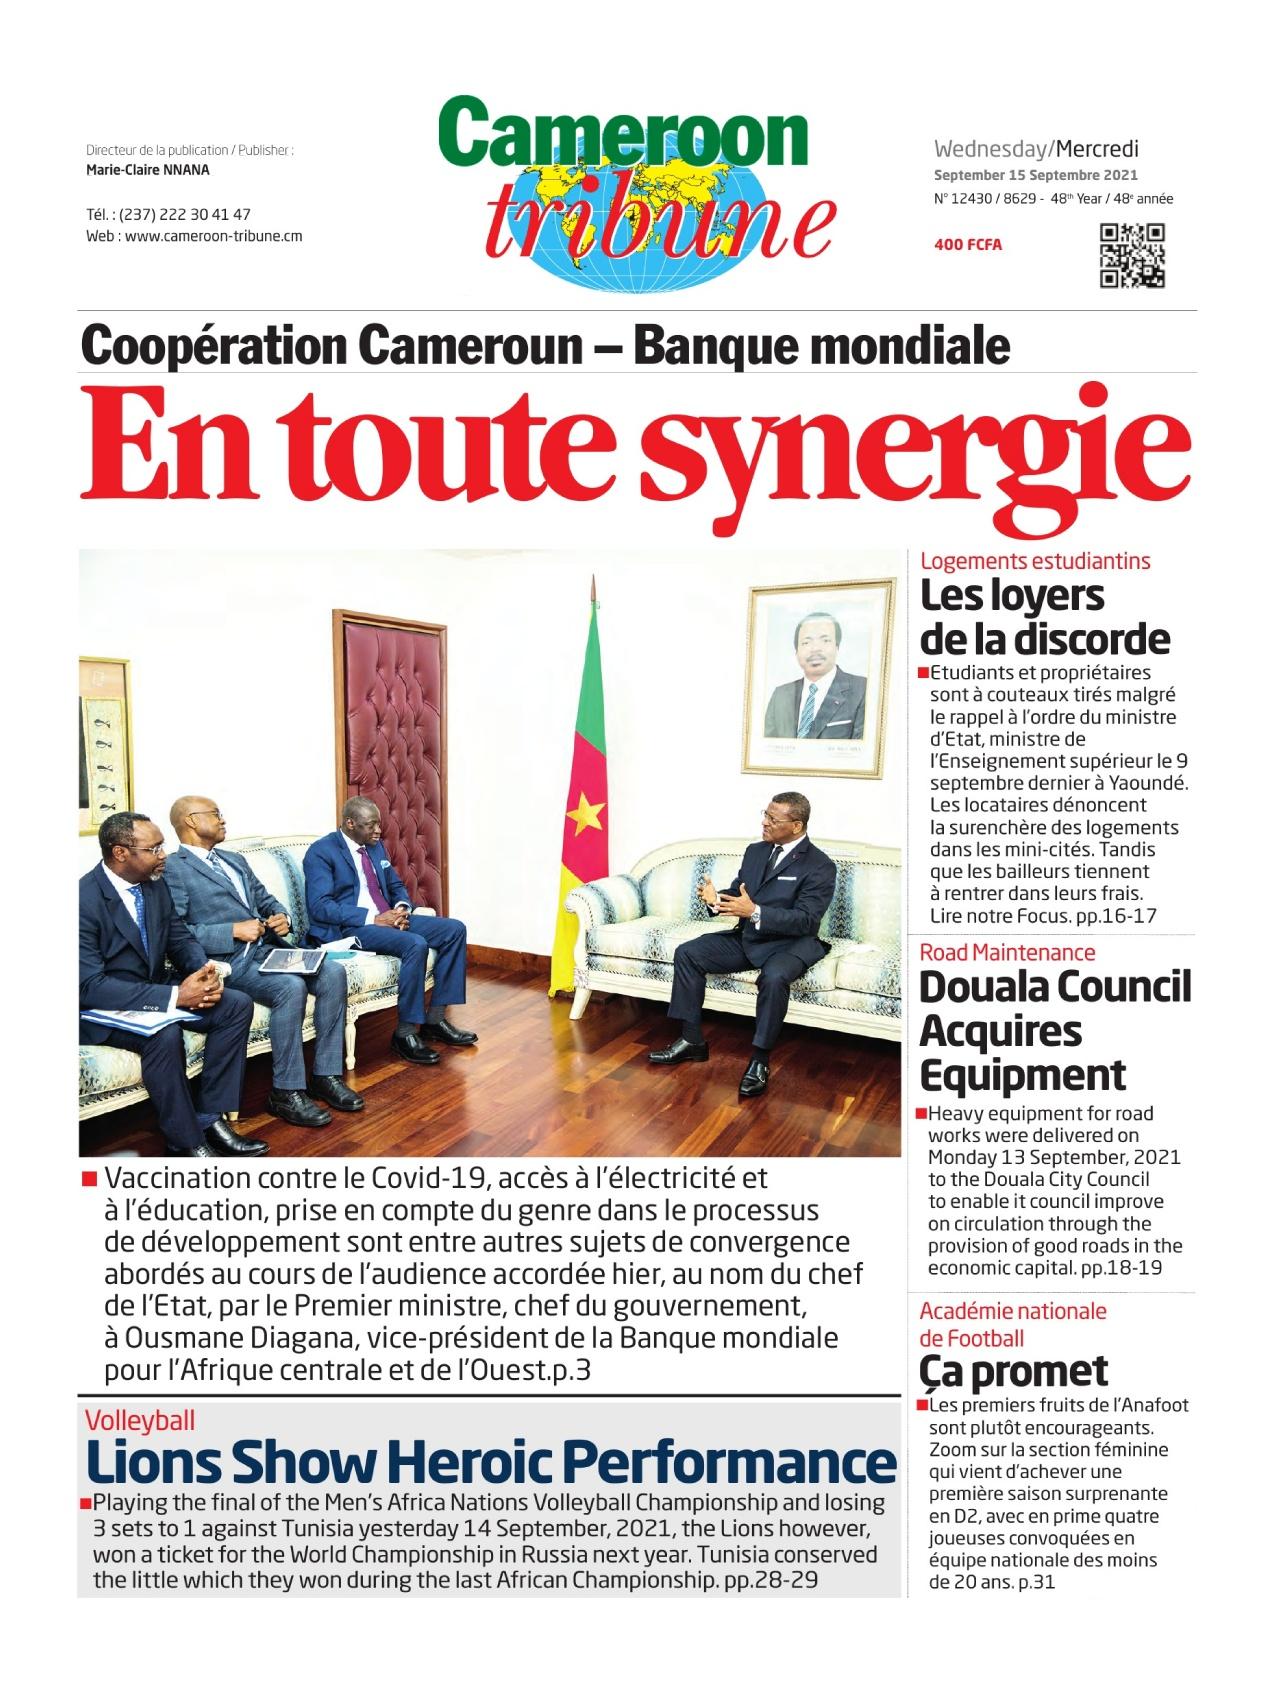 Cameroon Tribune - 15/09/2021